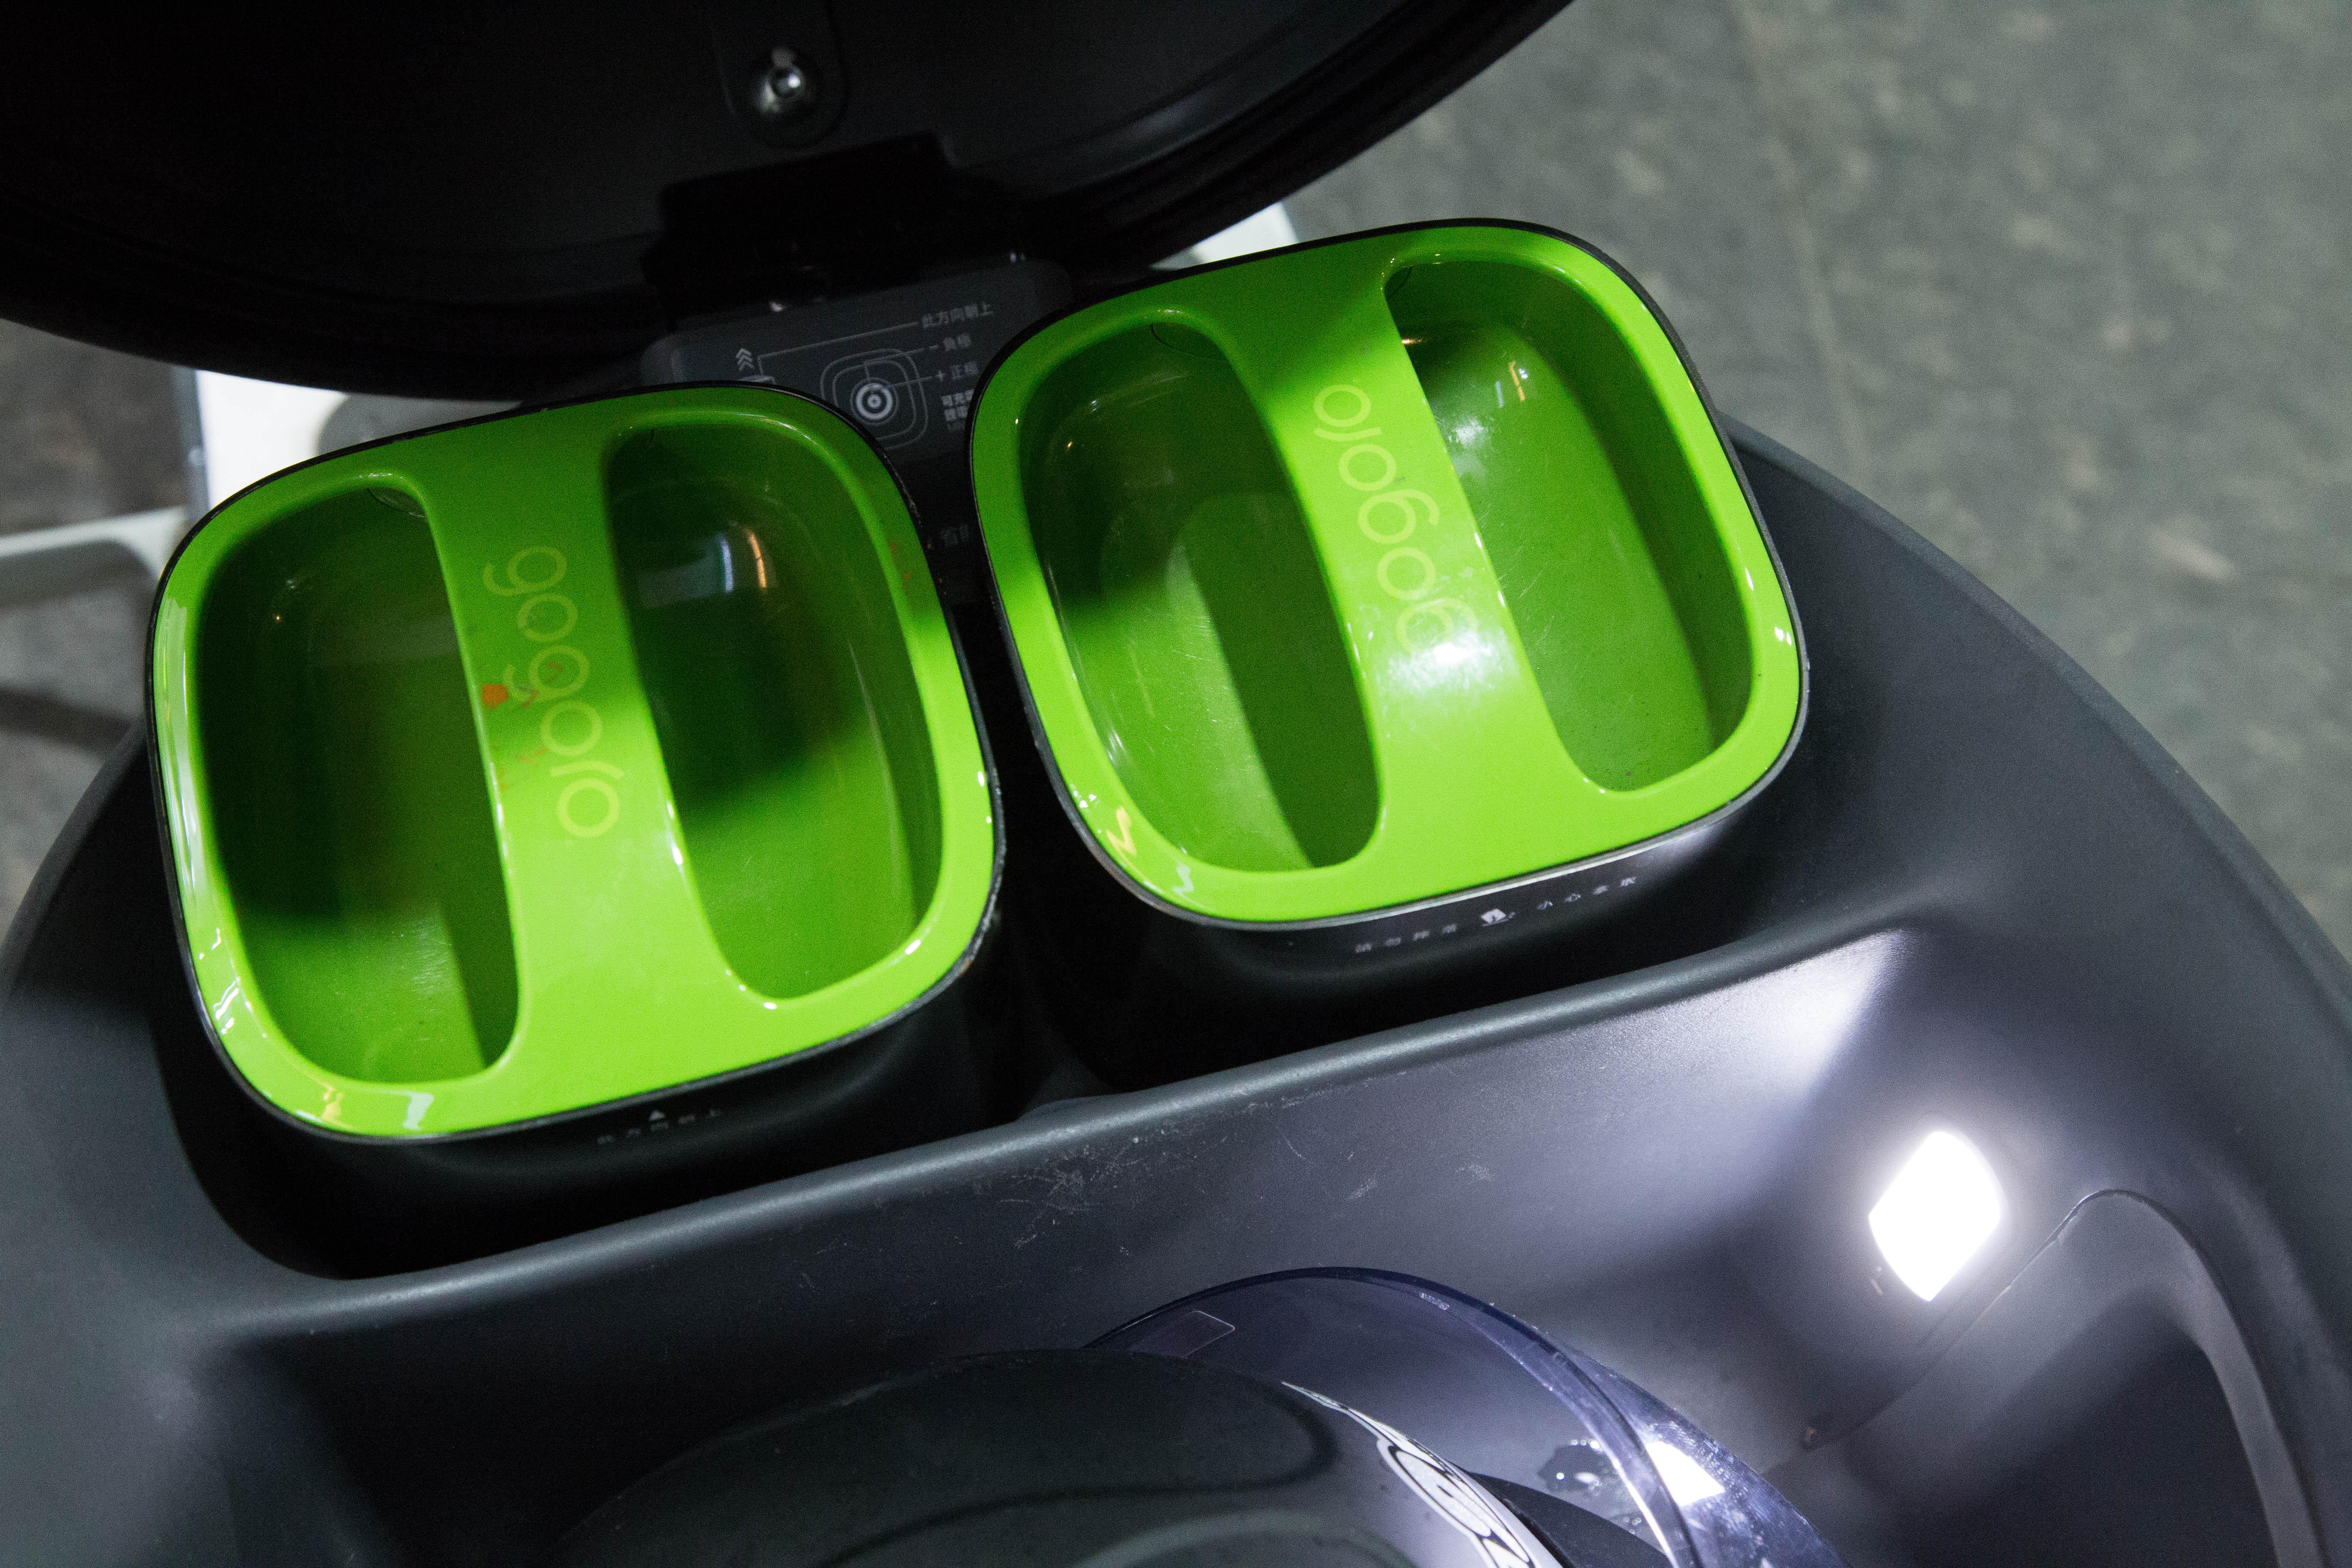 Gogoro一台電動機車配備兩顆電池,每顆電池的續航能力大概可以達到70公里 攝影/胡皓宸